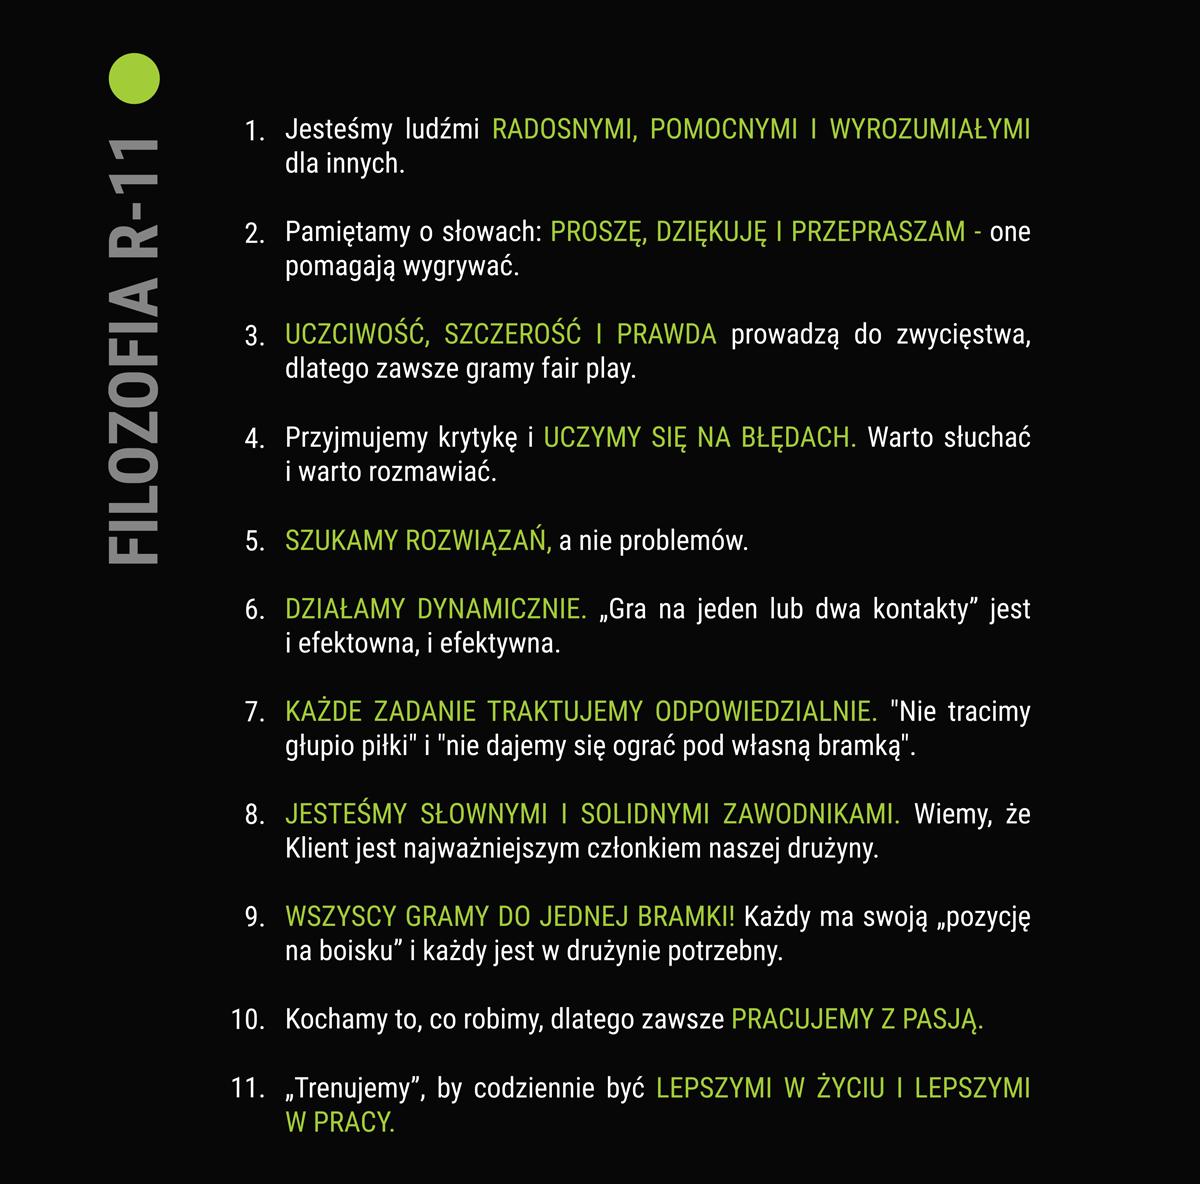 filozofia r 11 tabliczka - Marcin Radziwon z R-GOL.com: Chcemy sięgać jeszcze wyżej